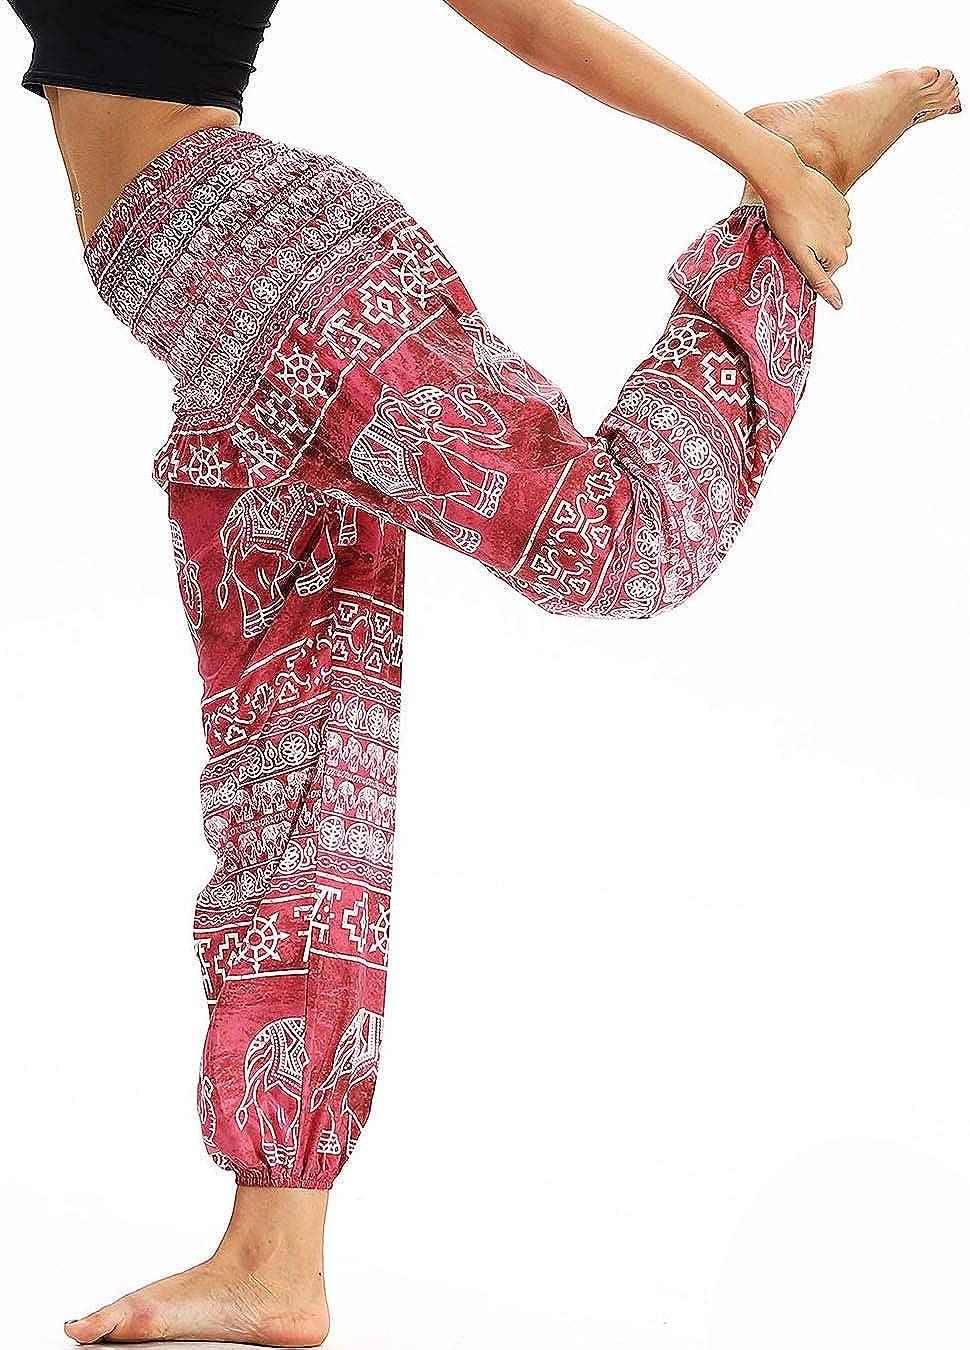 Nuofengkudu Mujer Pantalones Hippies Tailandeses Estampado Verano Cintura Alta Elastica con Bolsillos para Yoga Casual